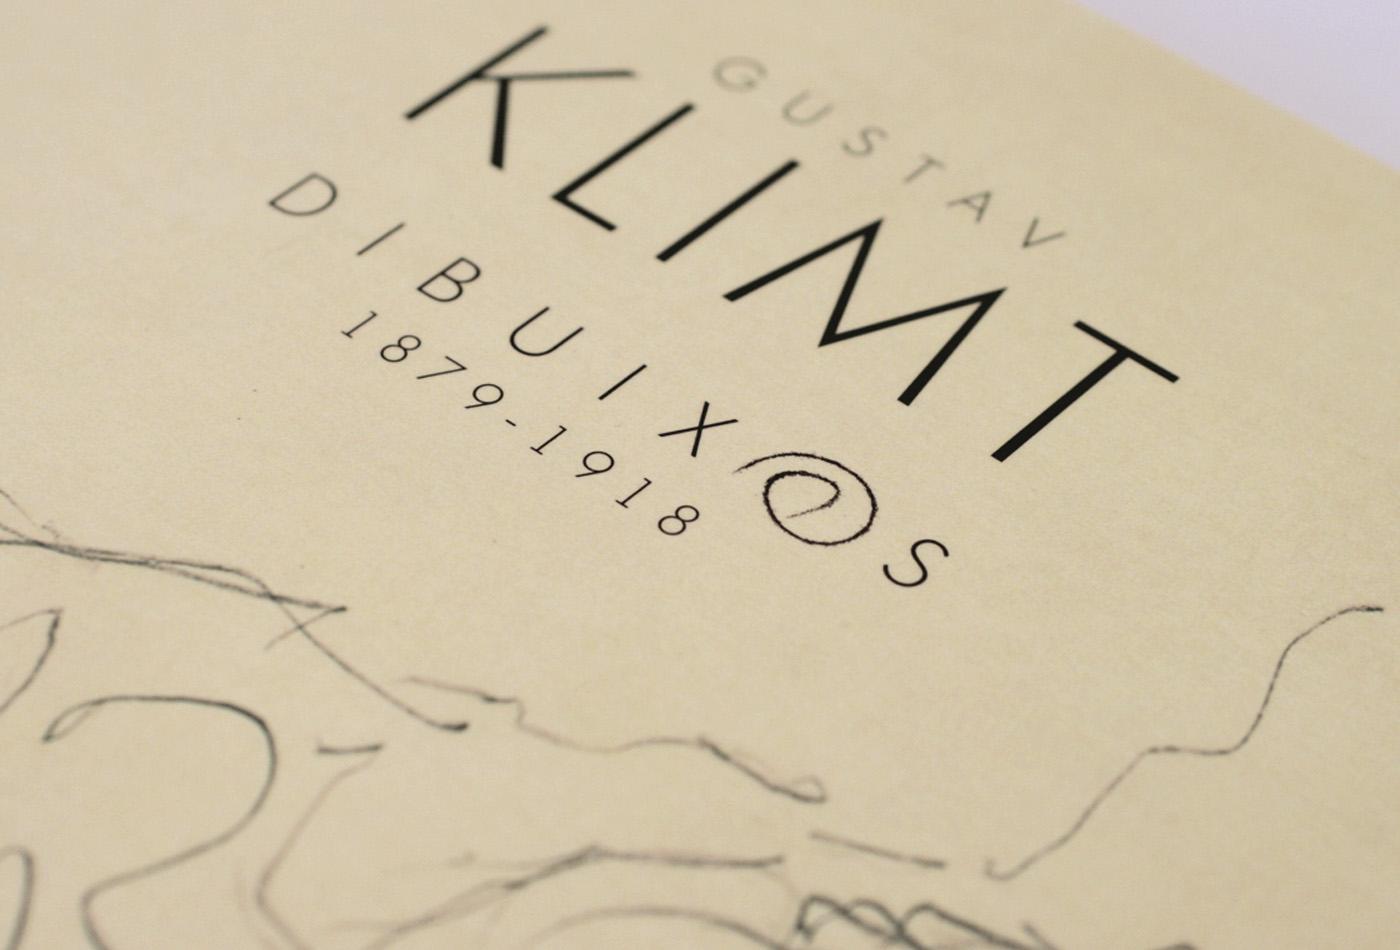 la-caixa-gustav-klimt-editorial-modernista-creartiva